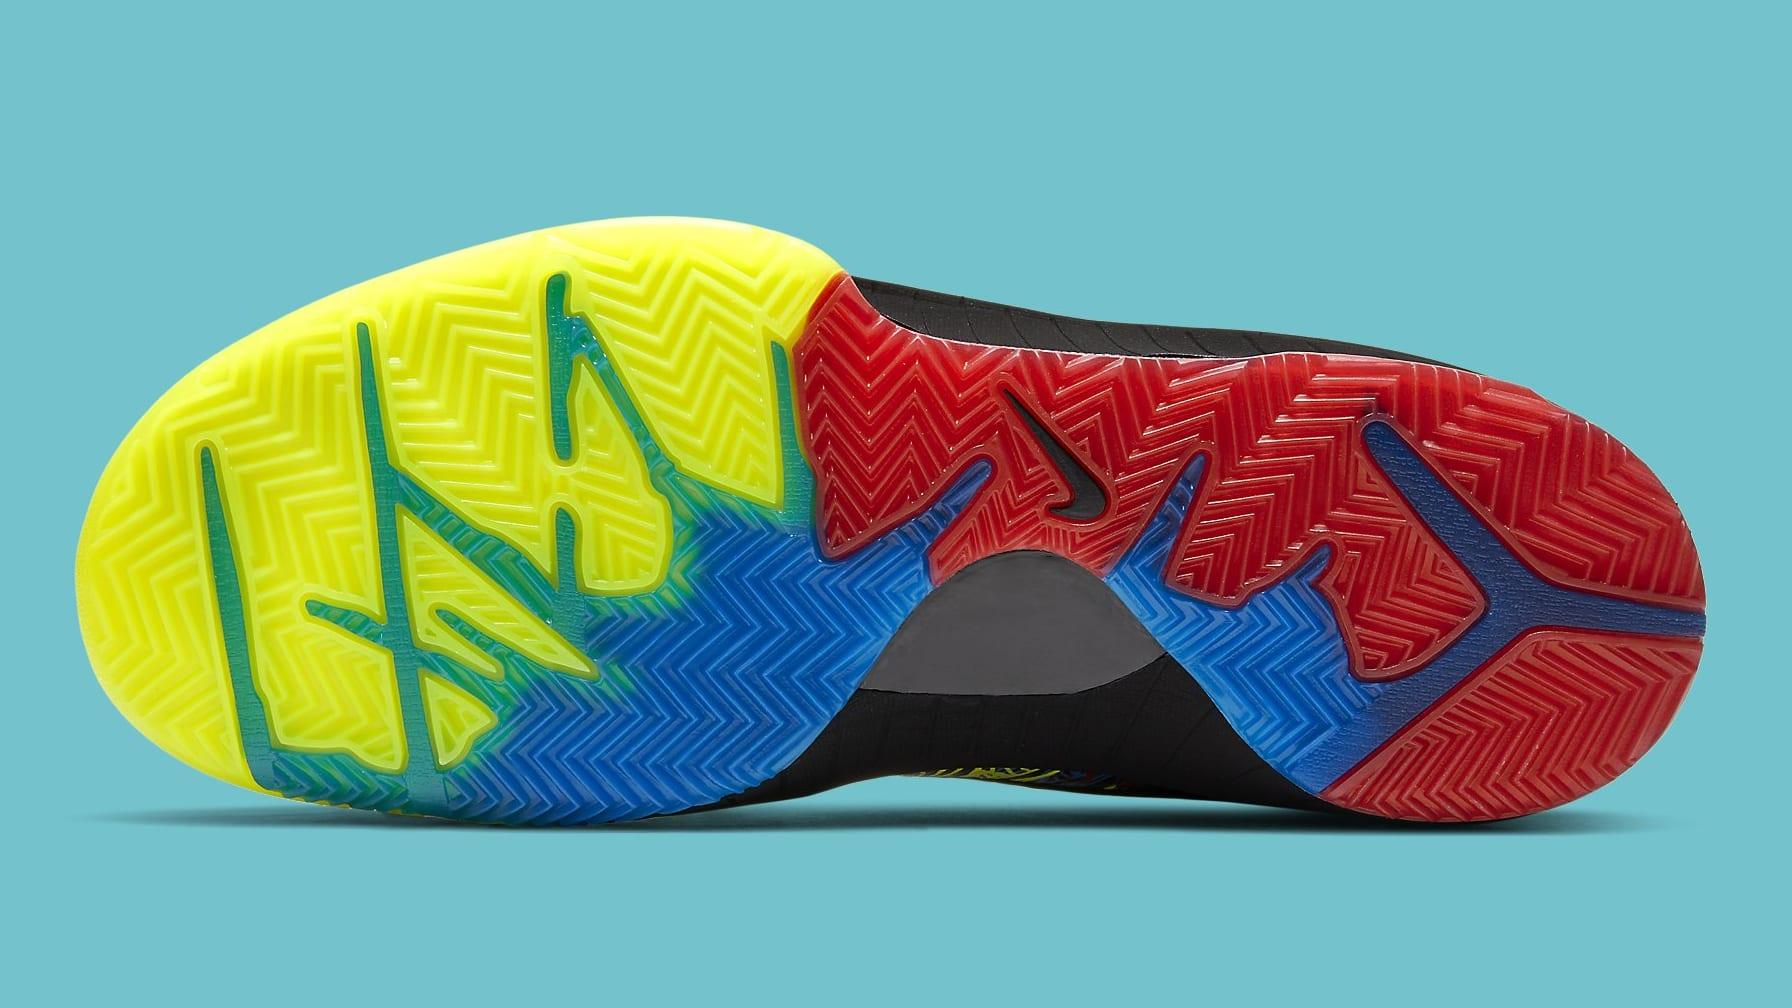 Nike Kobe 4 Wizenard Release Date CV3469-001 Sole